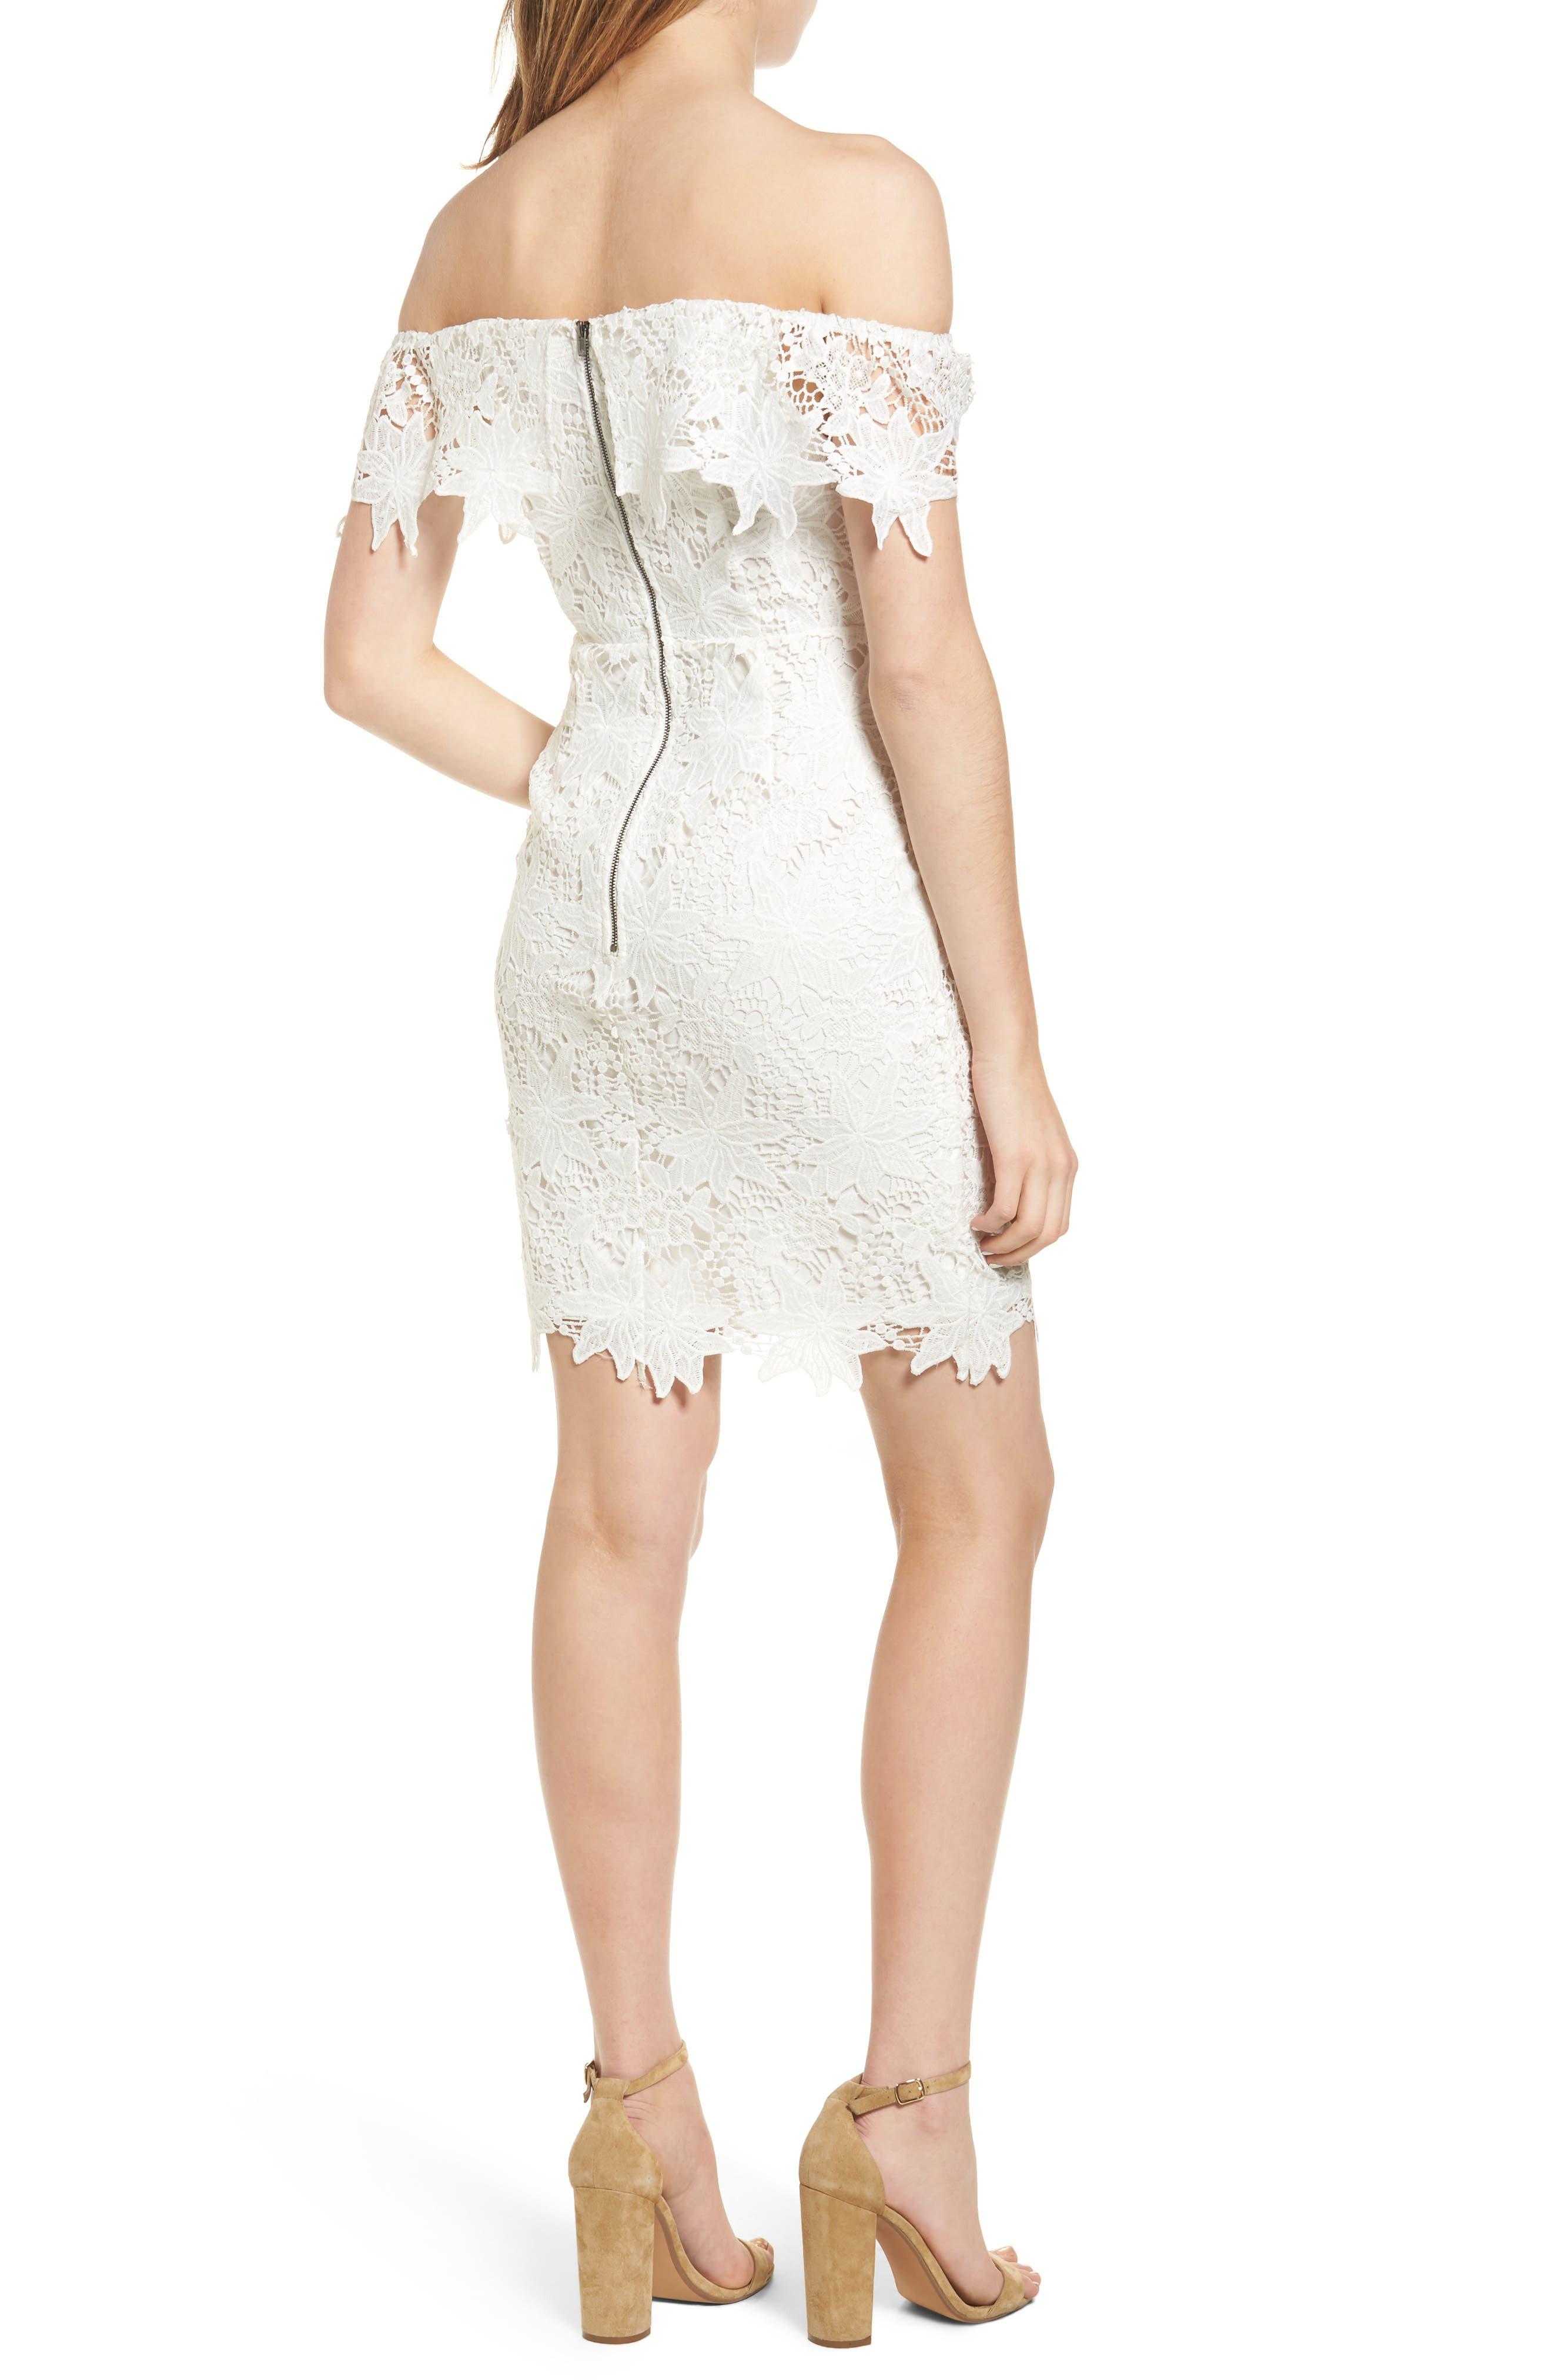 ASTR THE LABEL, Daniella Lace Body-Con Dress, Alternate thumbnail 2, color, 100